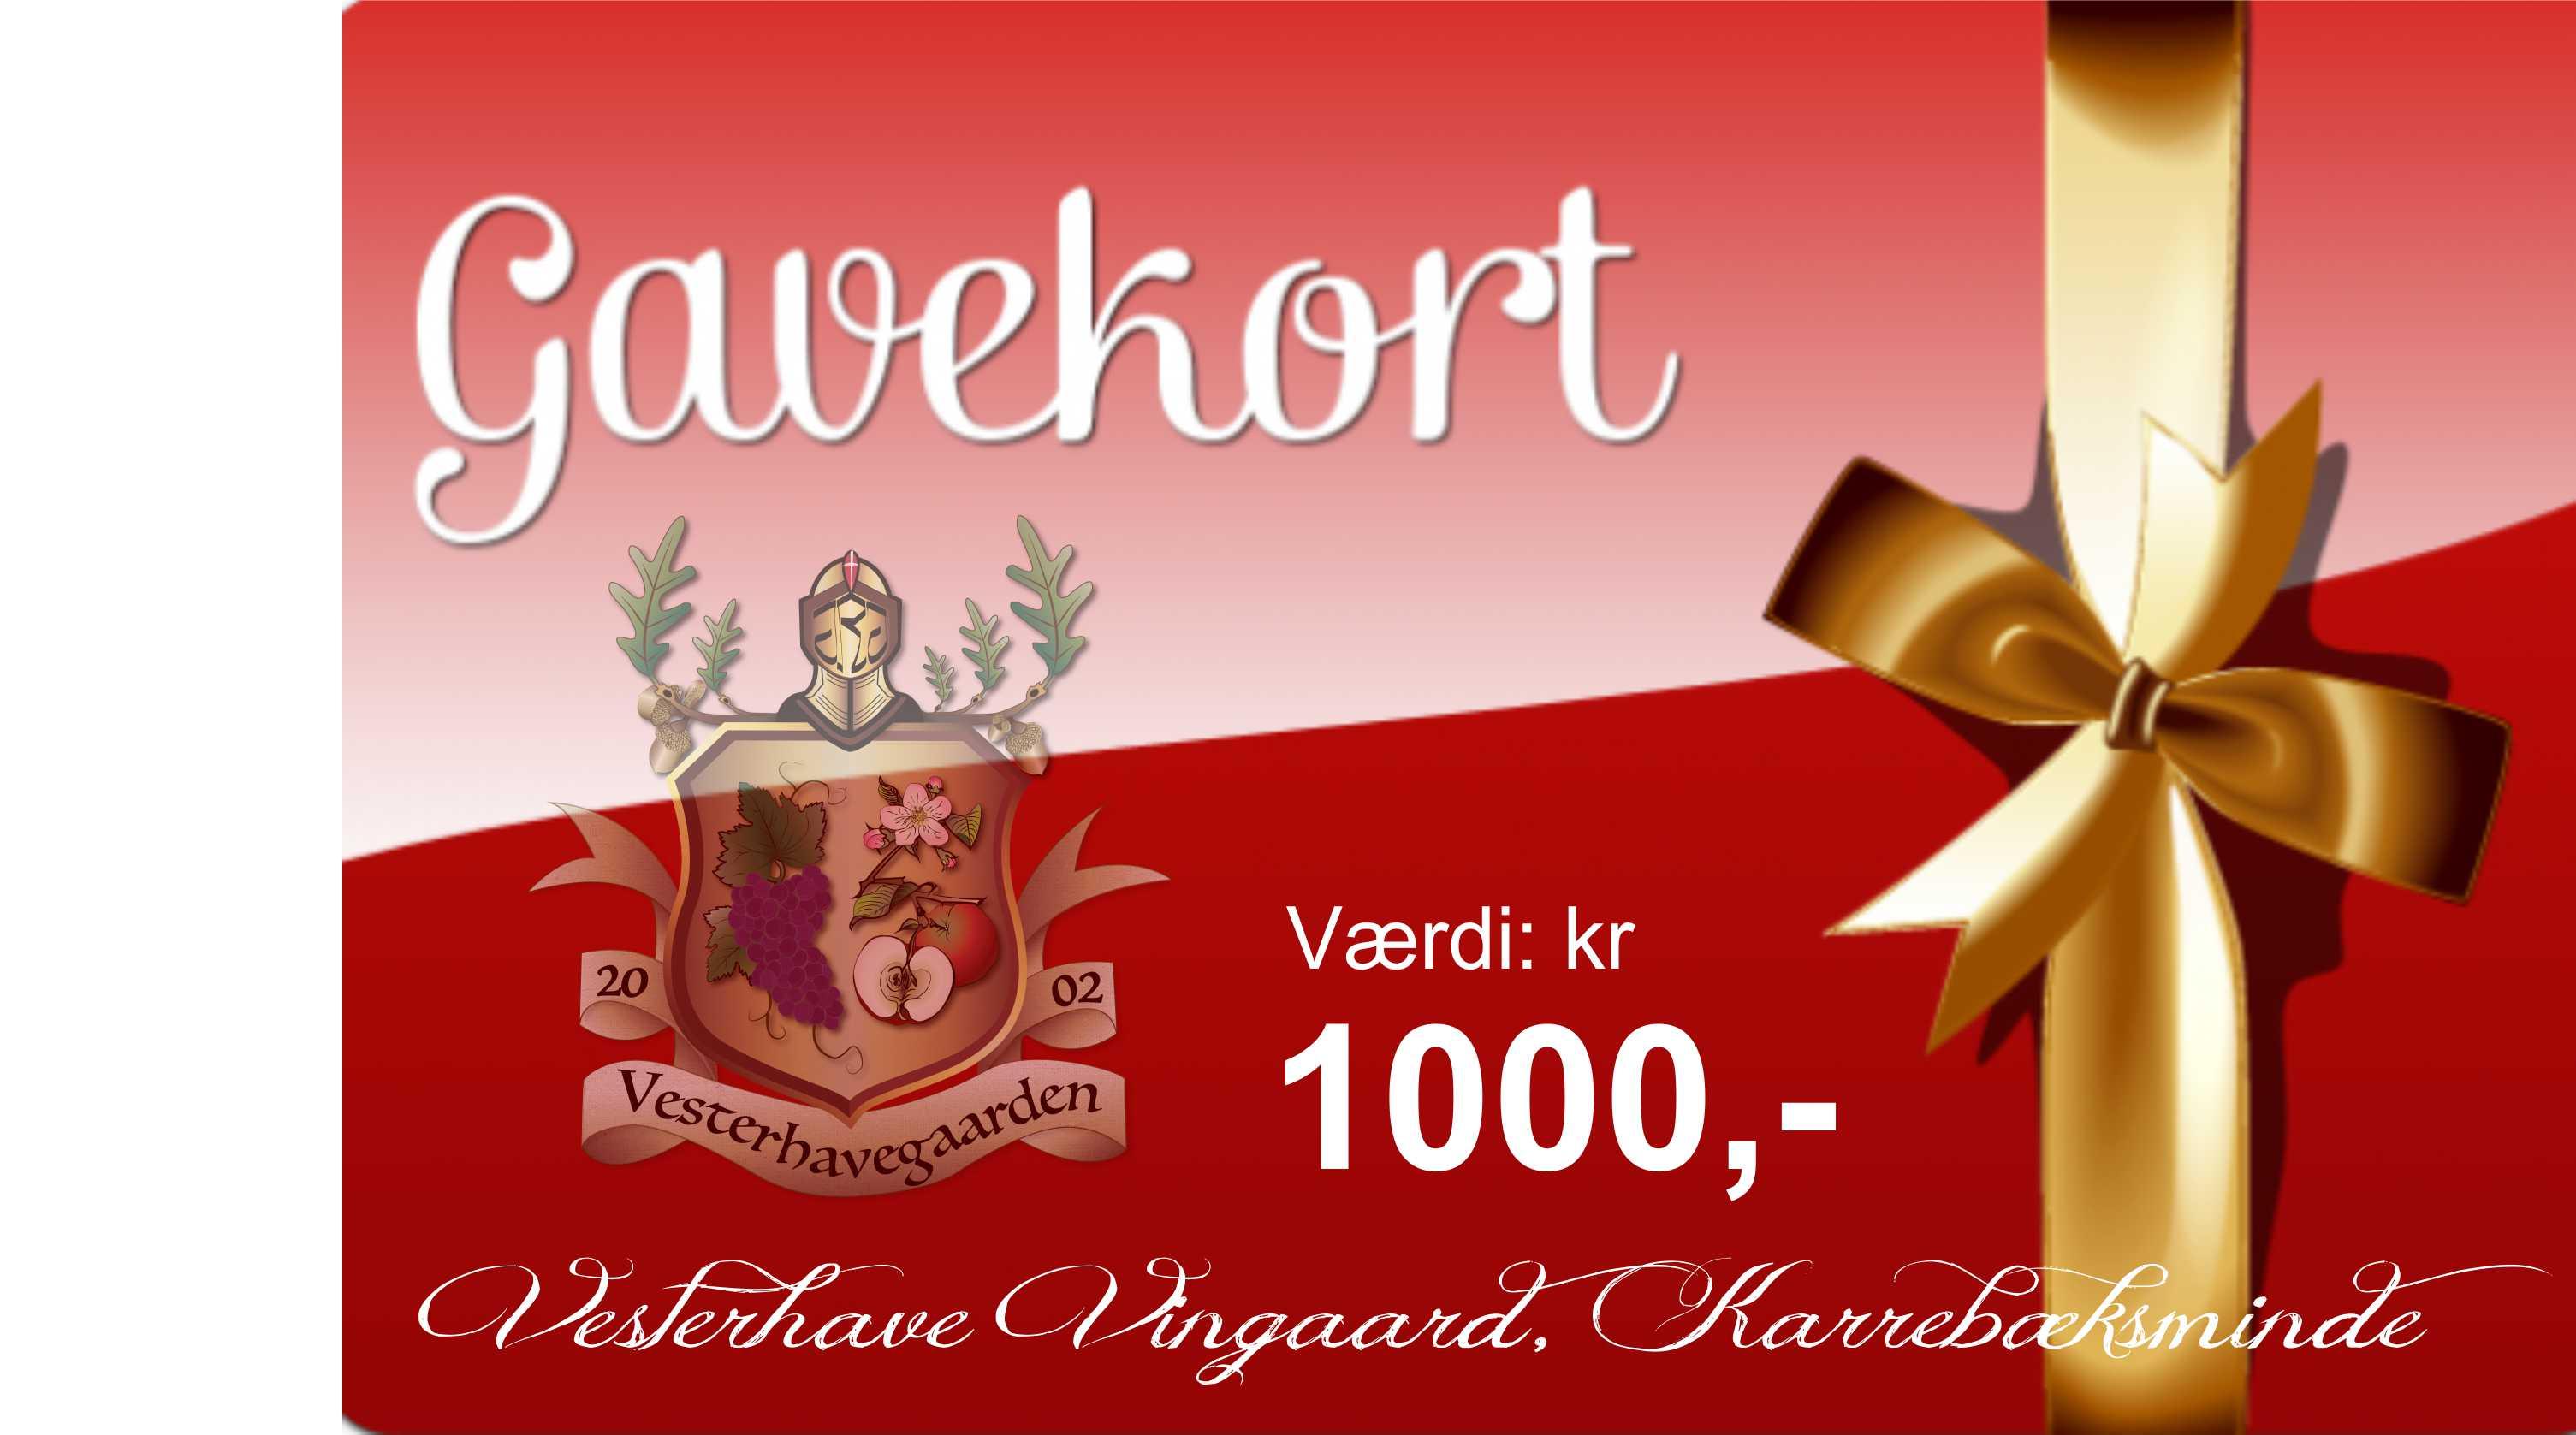 GAVEKORT, værdi 1000 kr